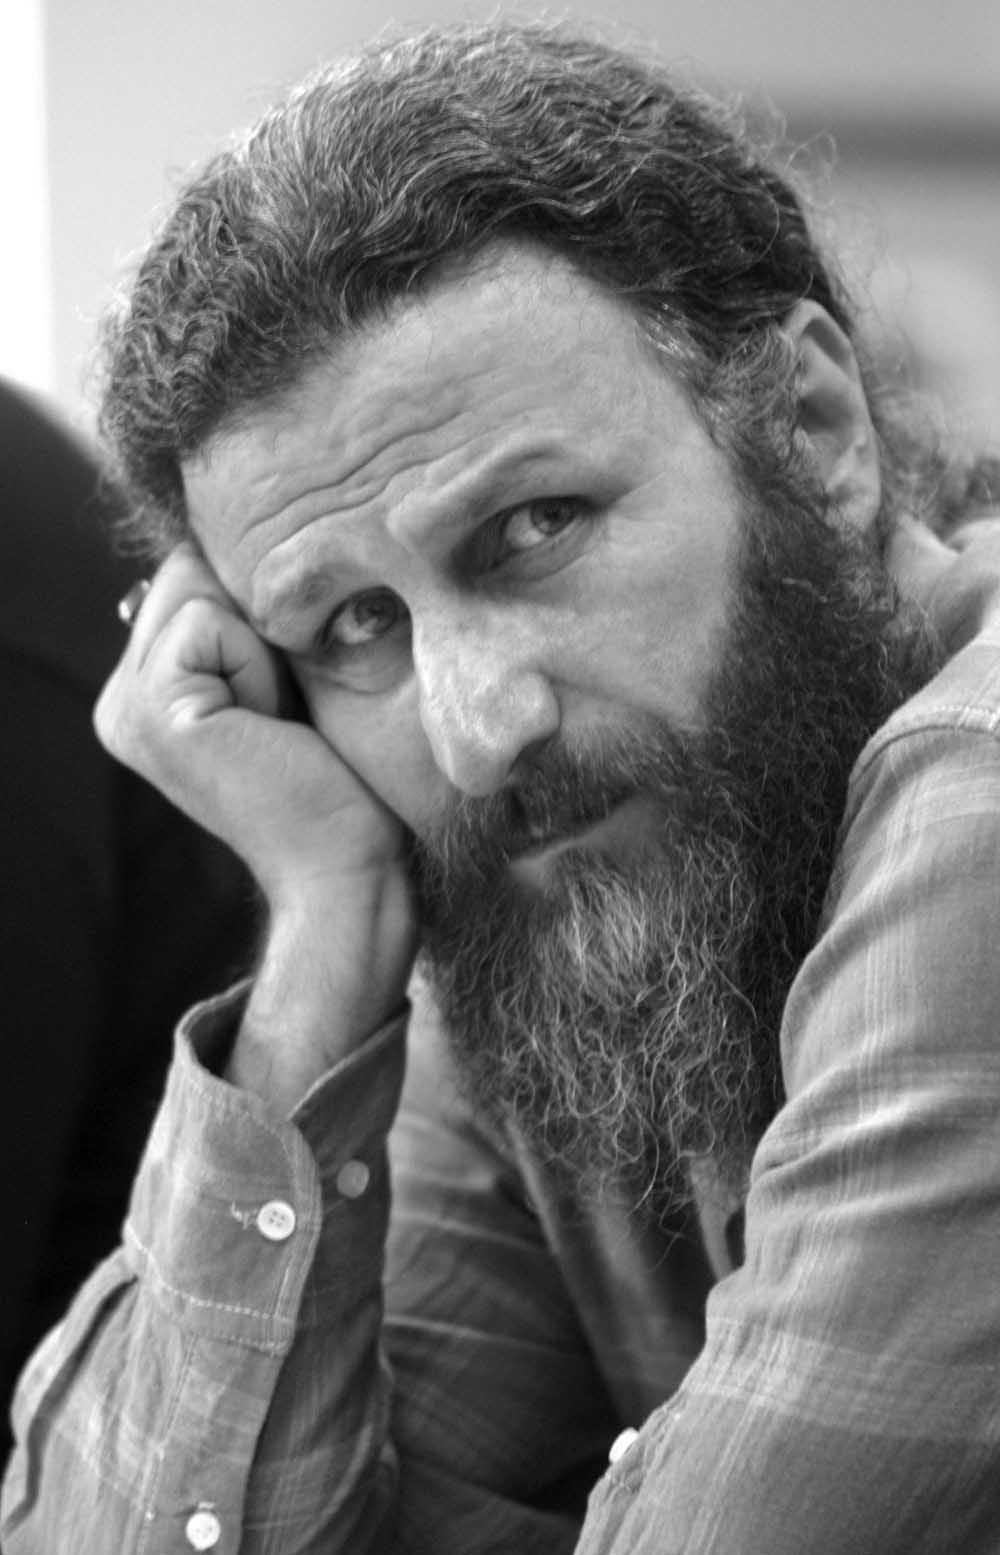 انونس جشنواره بینالمللی فیلم فجر کار کیست ؟